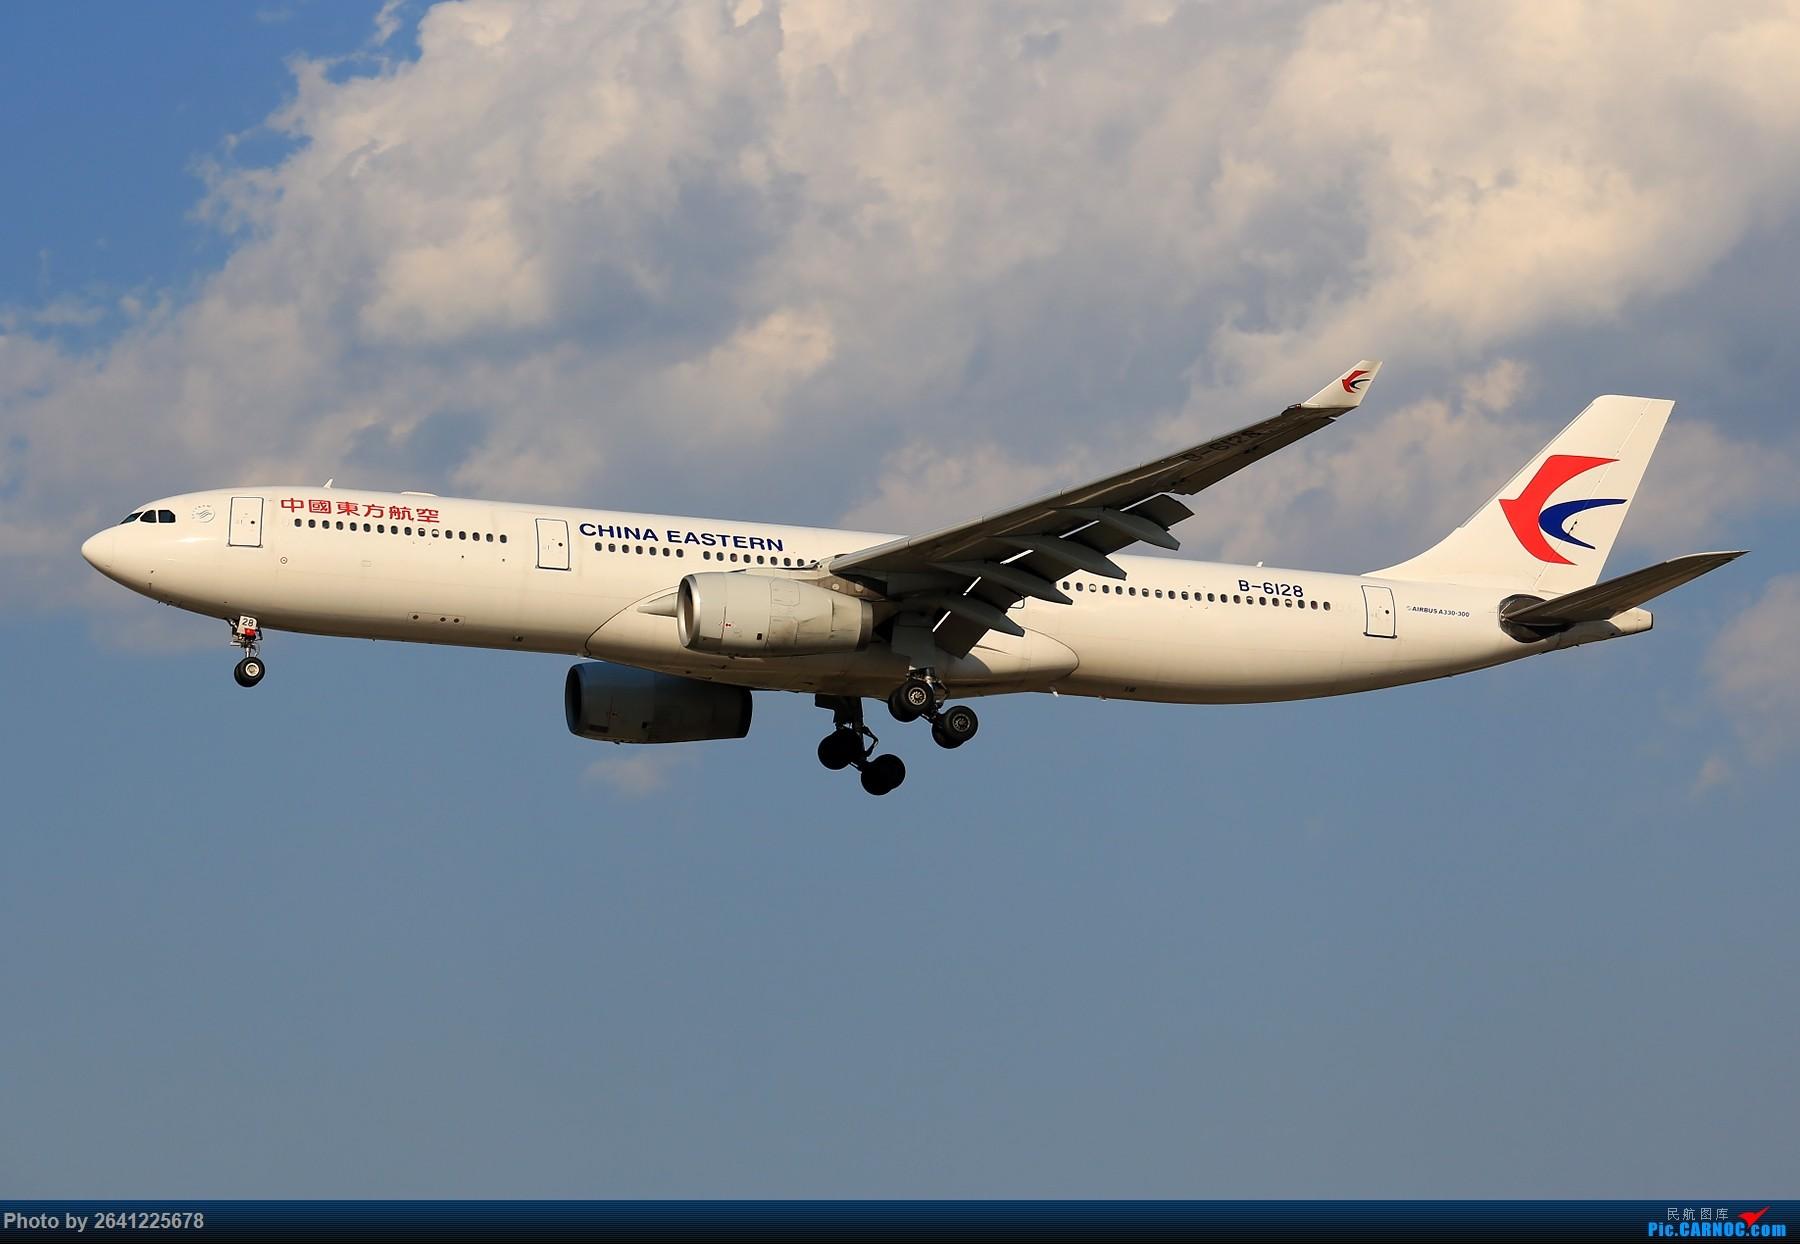 Re:[原创]【PEK】趁着水晶天去拍机(9 pics) AIRBUS A330-300 B-6128 中国北京首都国际机场